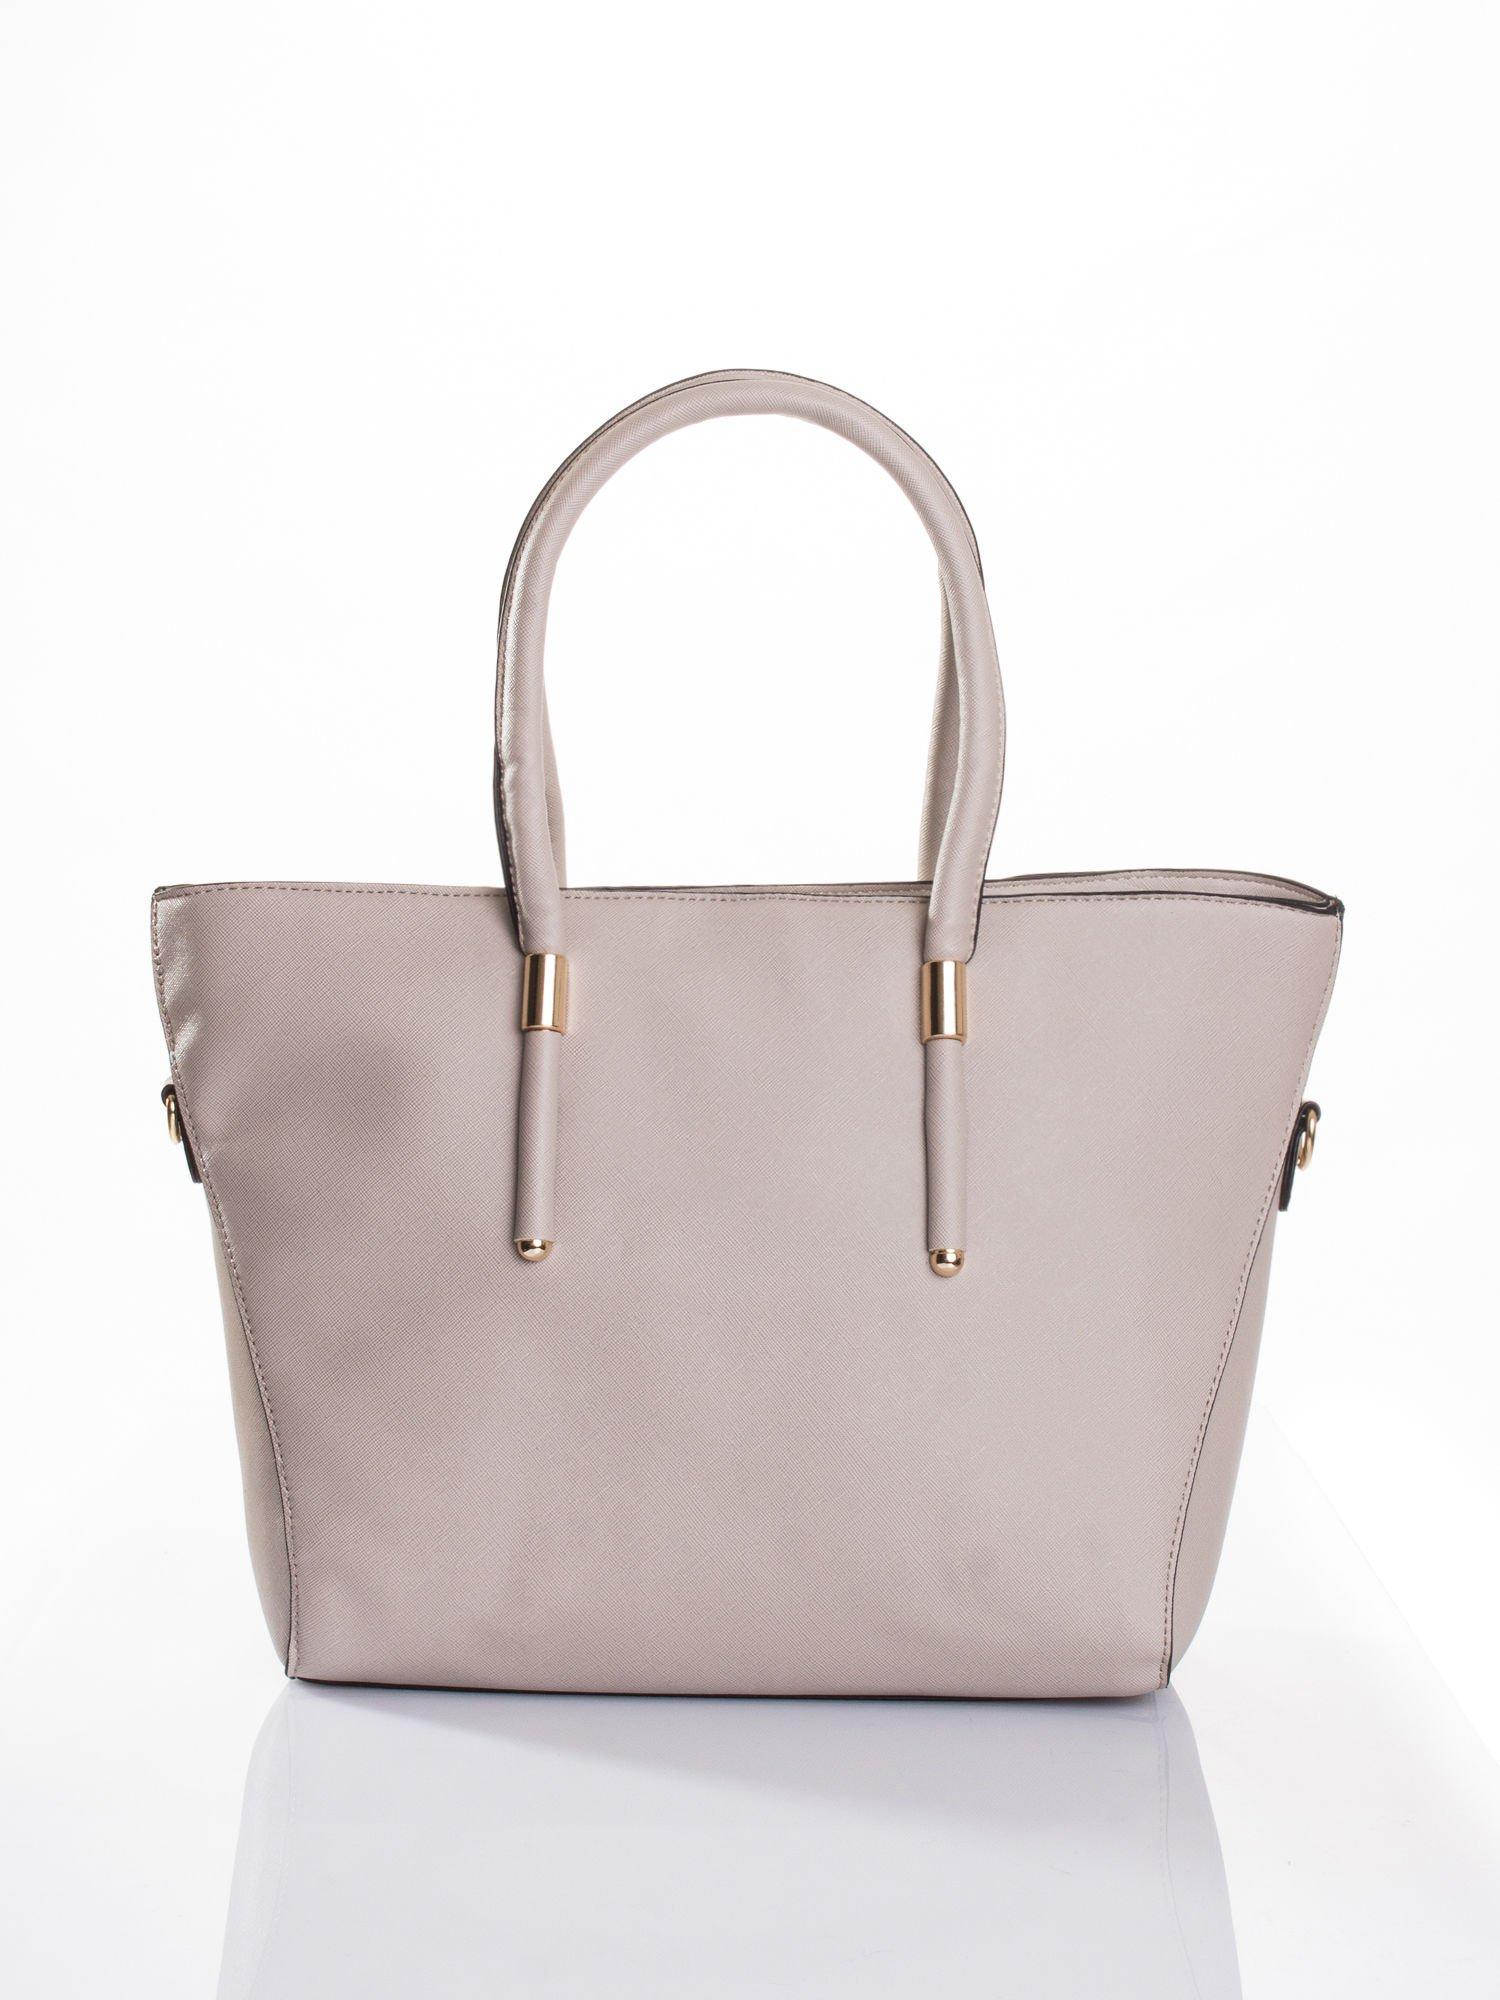 Jasnobeżowa torba shopper efekt saffiano                                  zdj.                                  1